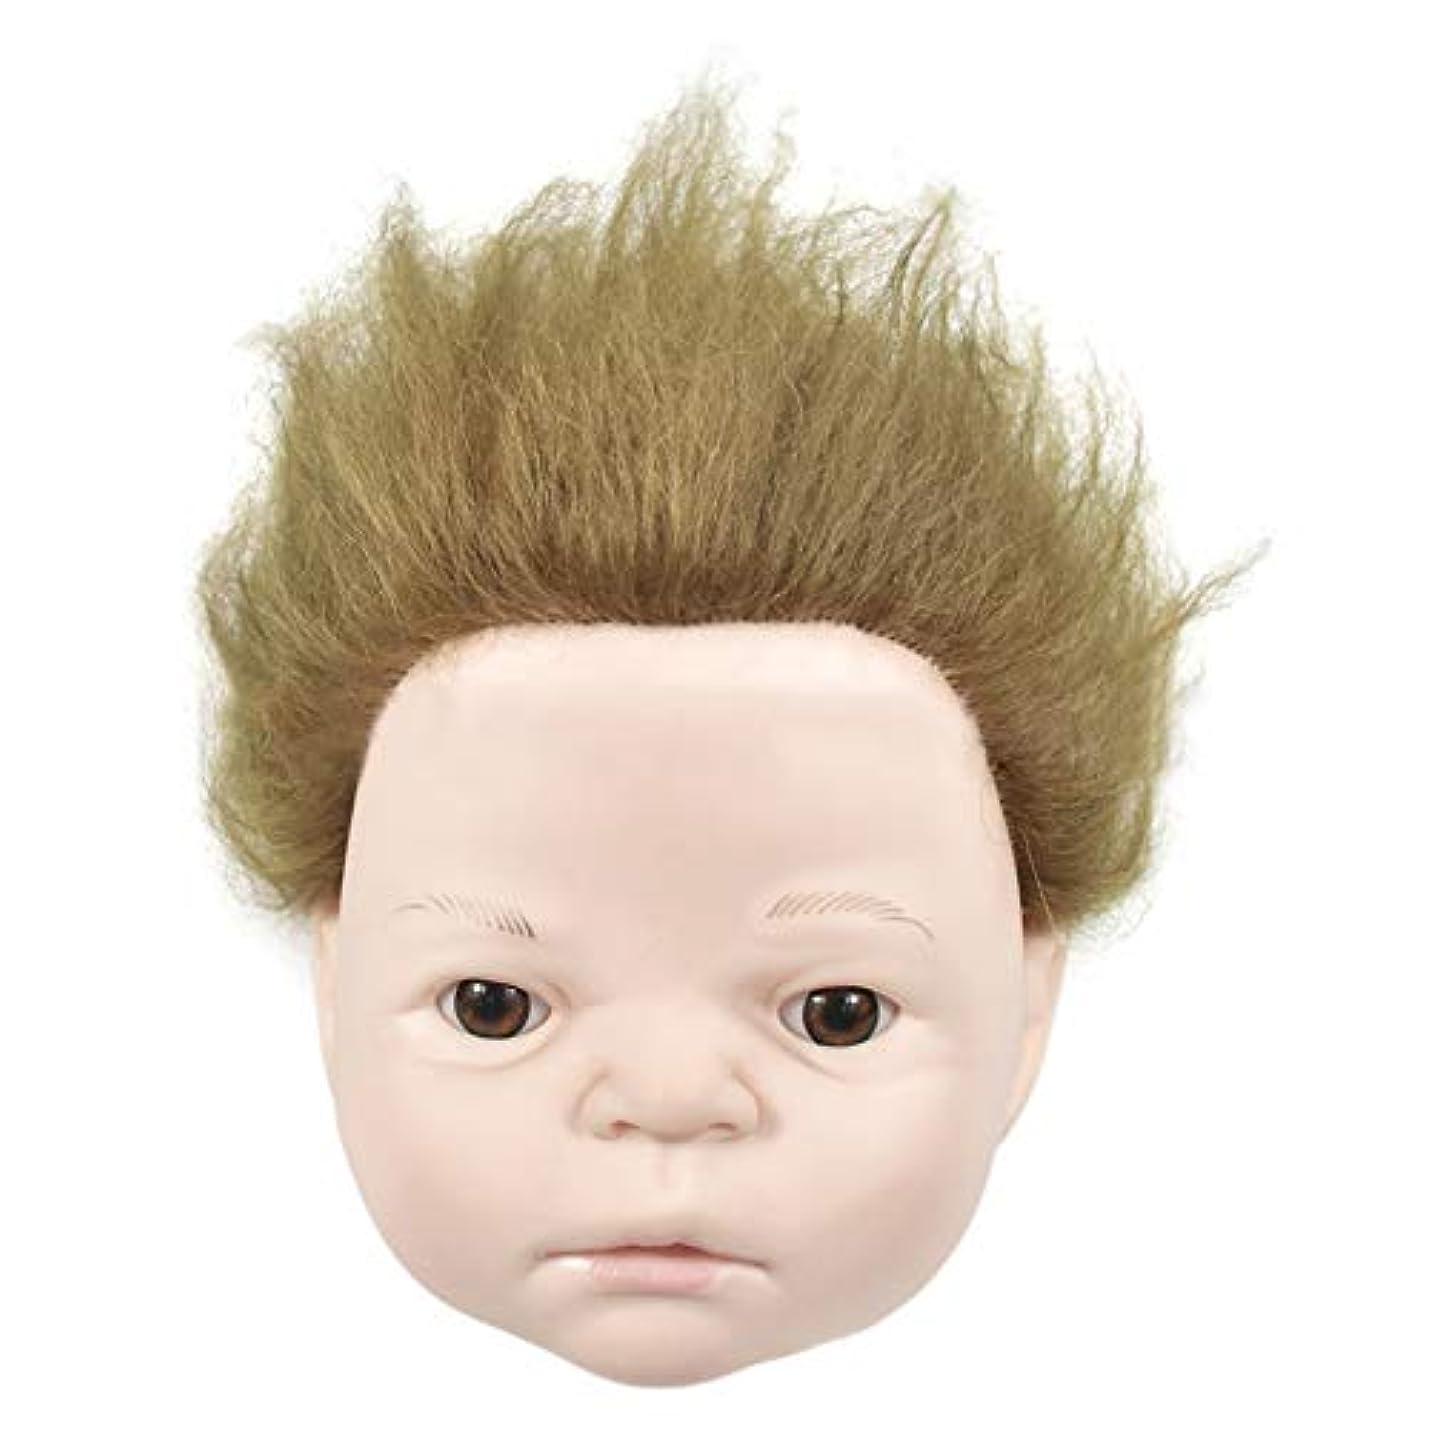 他に安息自信がある練習理髪散髪ヘッドモデルリアルヘアドールヘッド形状教育ヘッドサロン教育学習マネキンヘッド